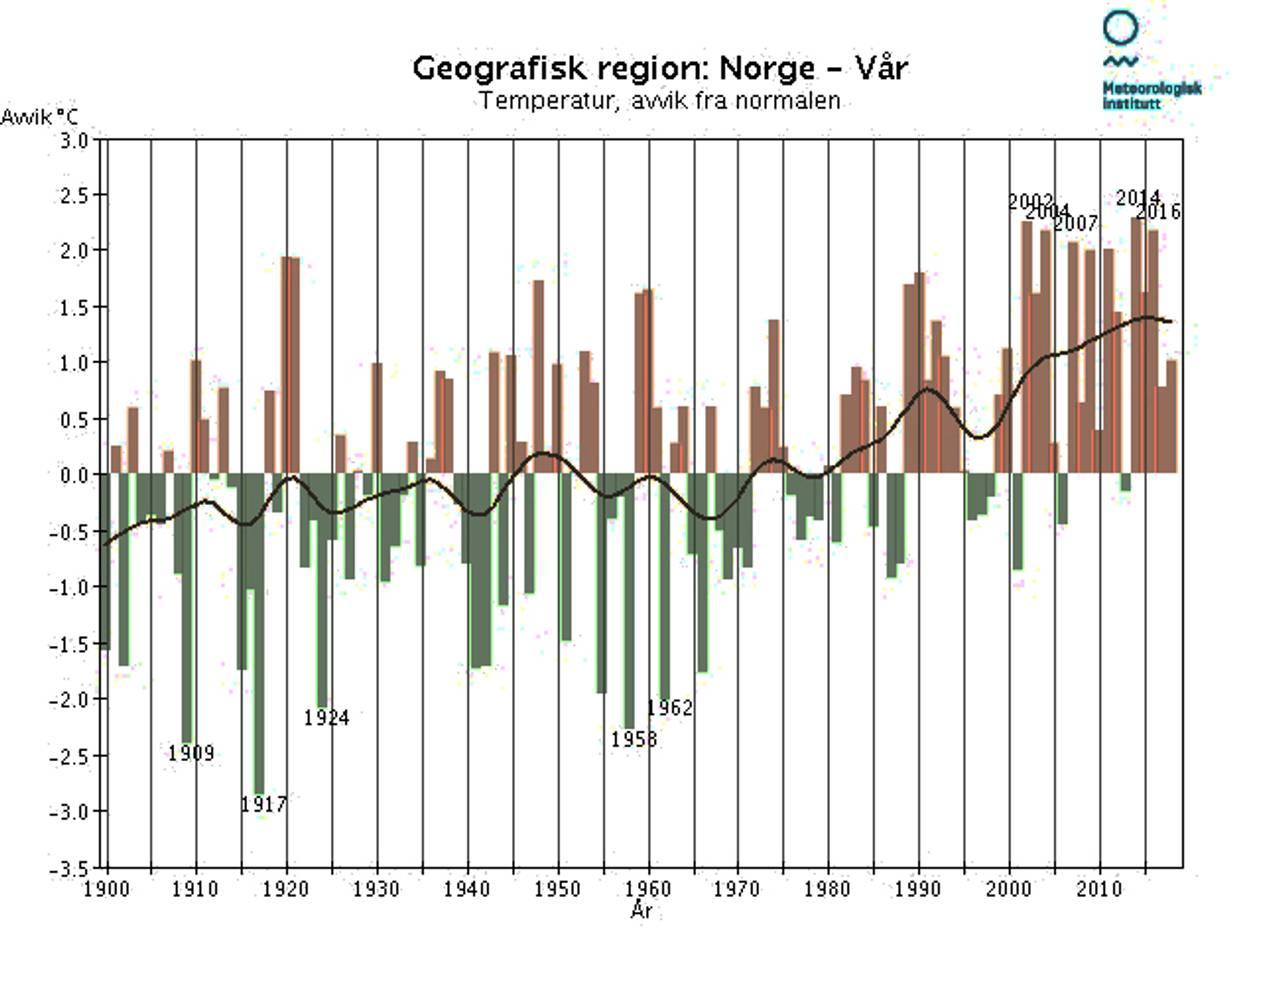 Temperatur-utvikling i Norge om våren 1900-2018